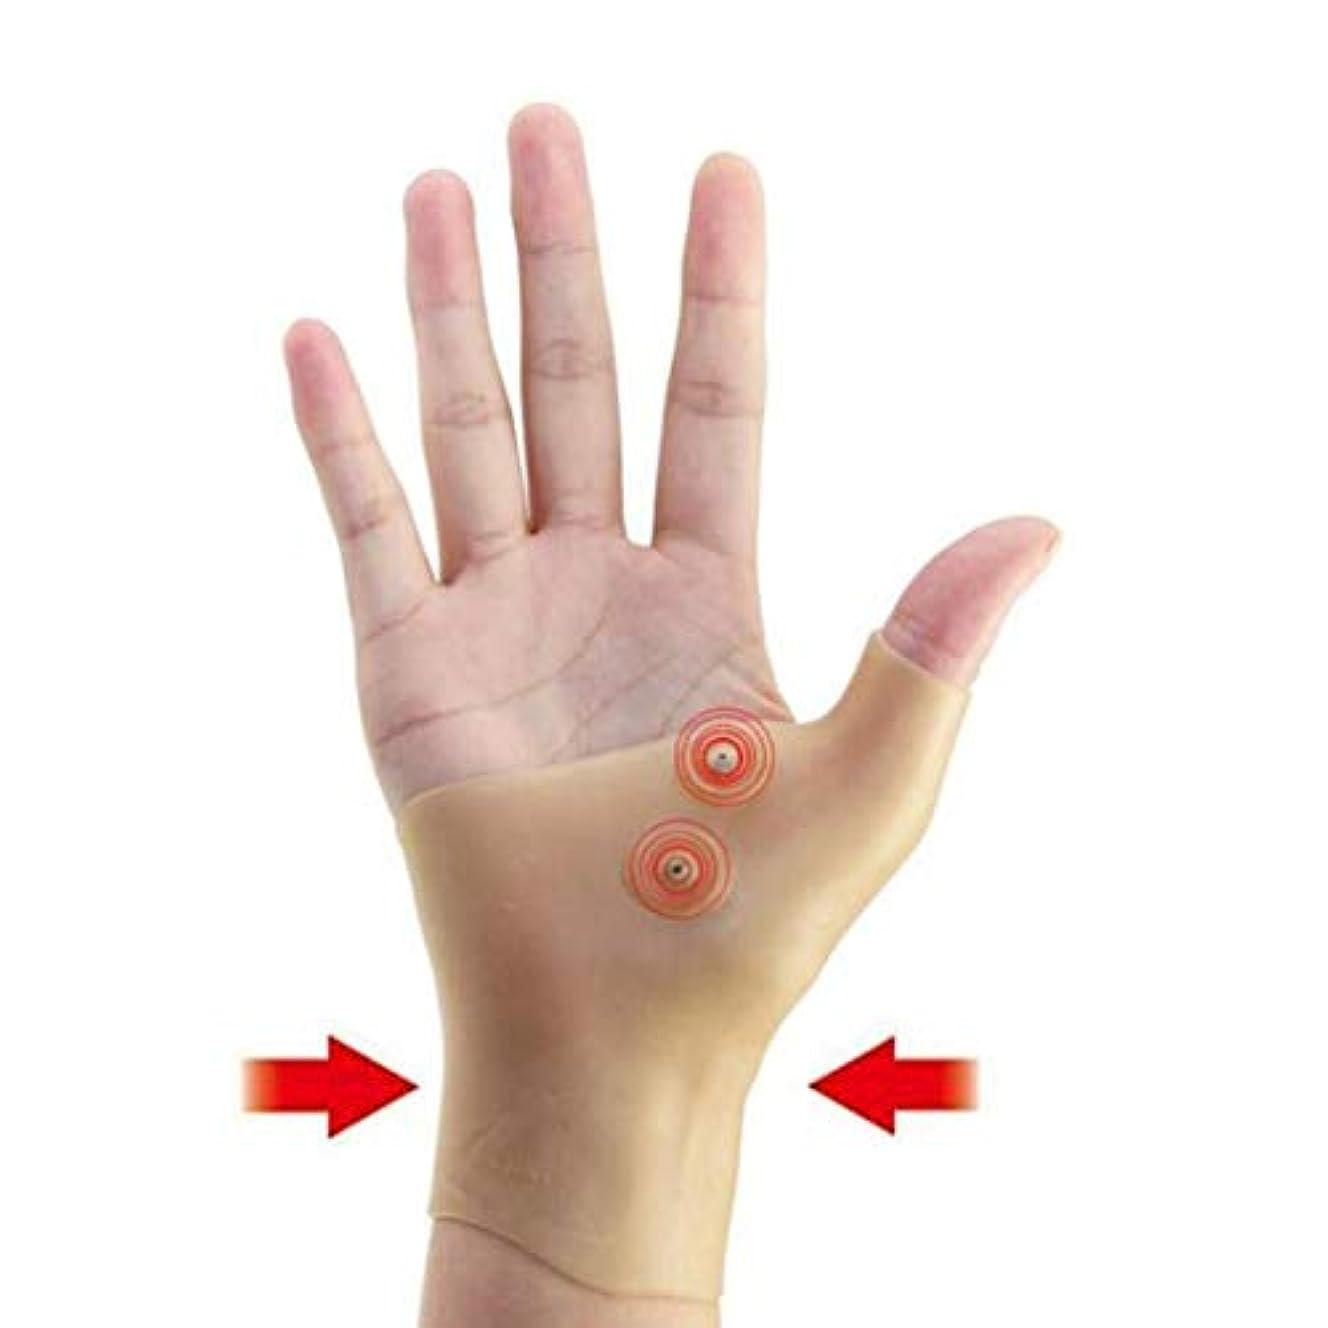 クロールできる残り物磁気療法手首手親指サポート手袋シリコーンゲル関節炎圧力矯正器マッサージ痛み緩和手袋 - 肌の色